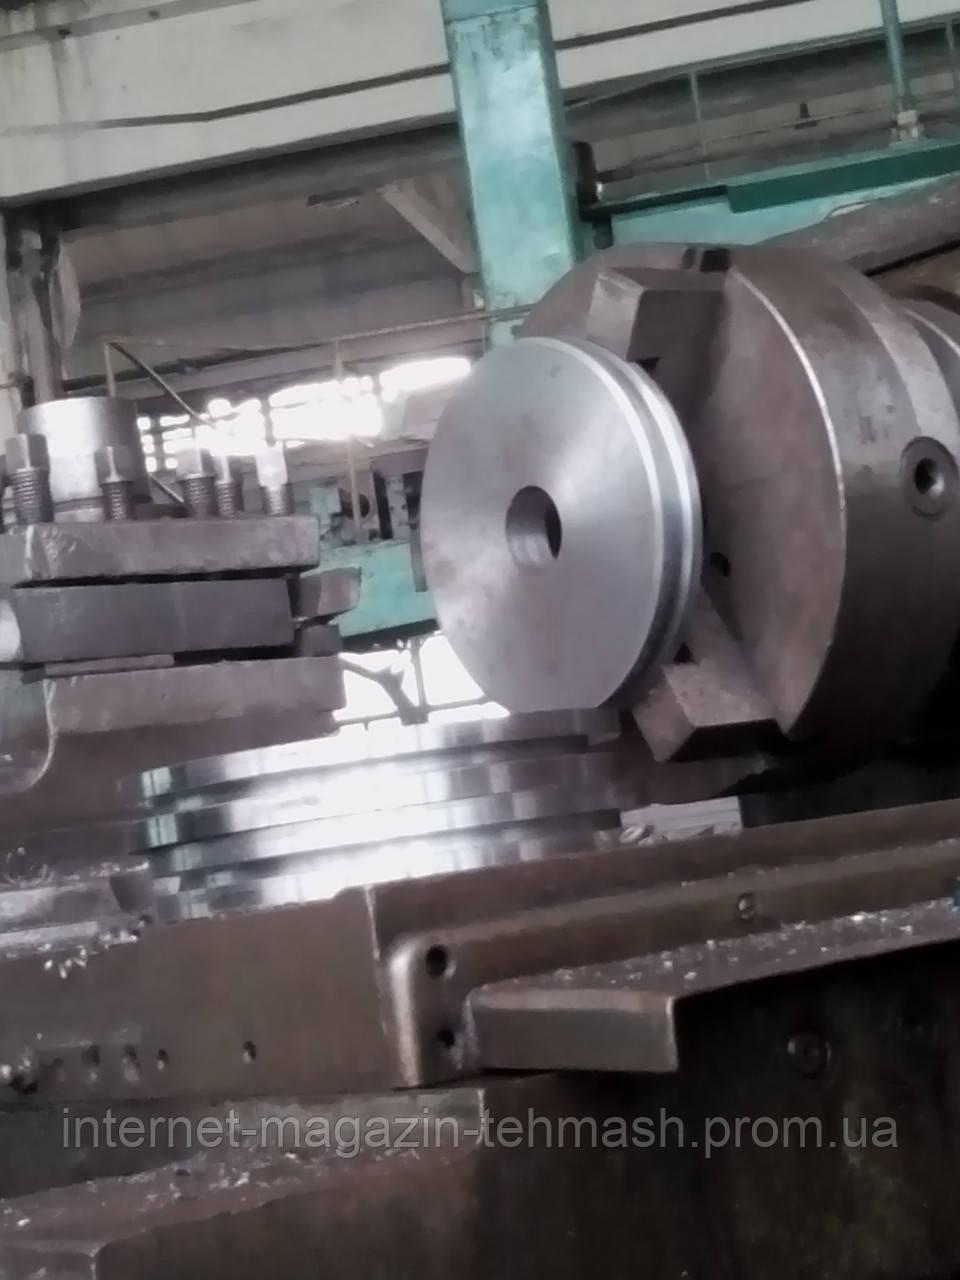 Виготовлення деталей та агрегатів механізмів промислового призначення, фото 1